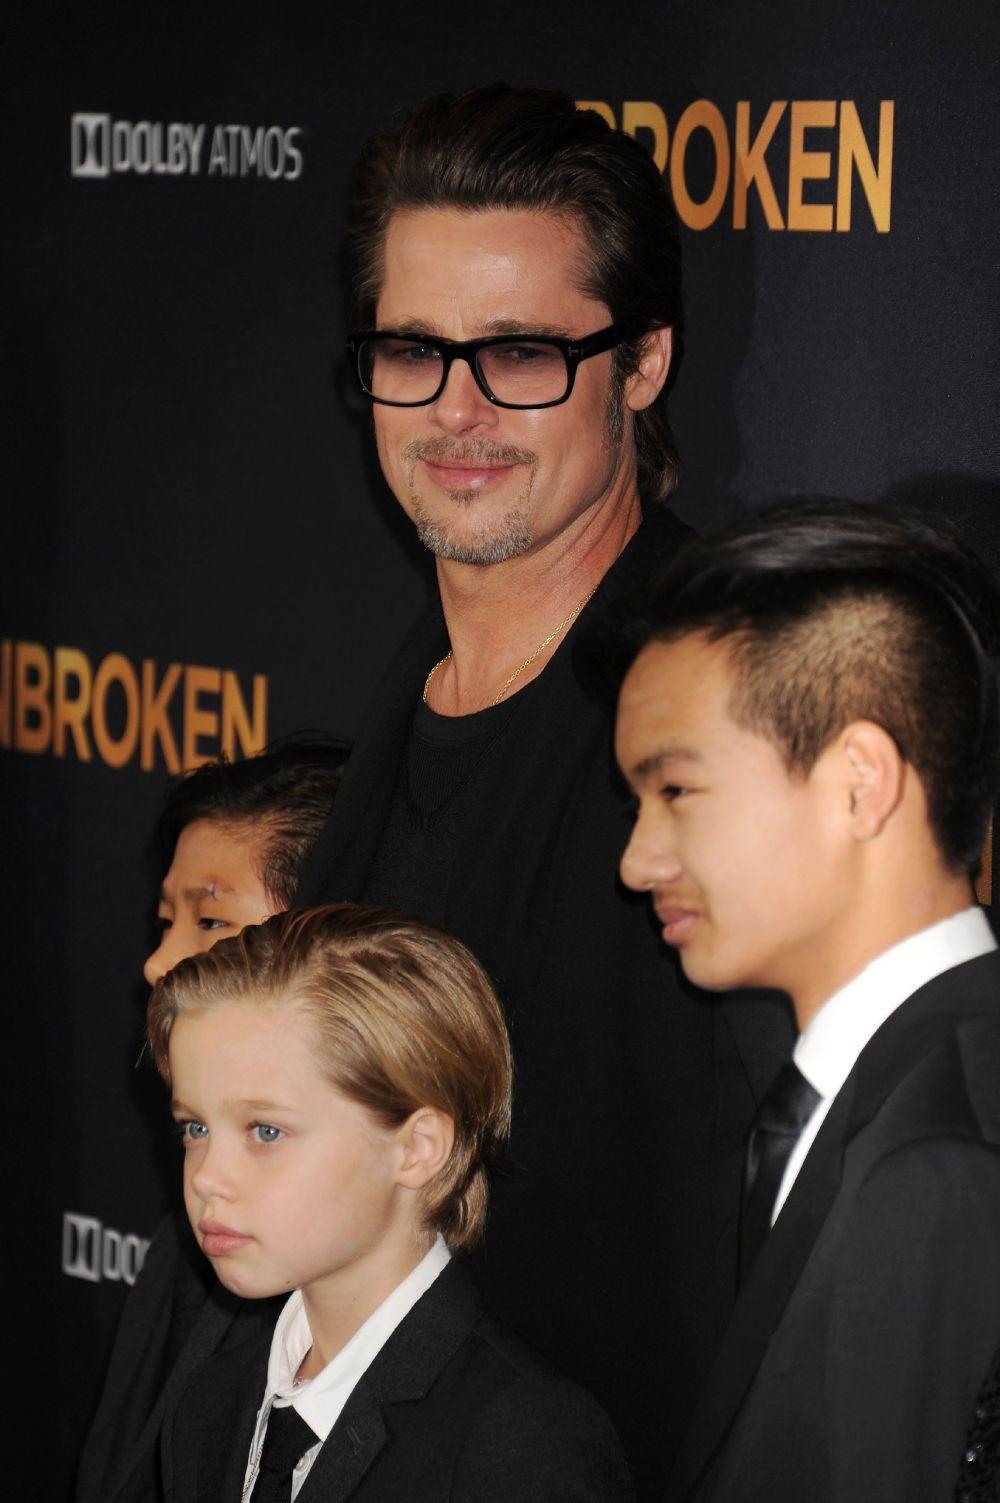 2014 год. Брэд Питт на премьере фильма «Несломленный» вместе со своими детьми (Лос-Анджелес, США)